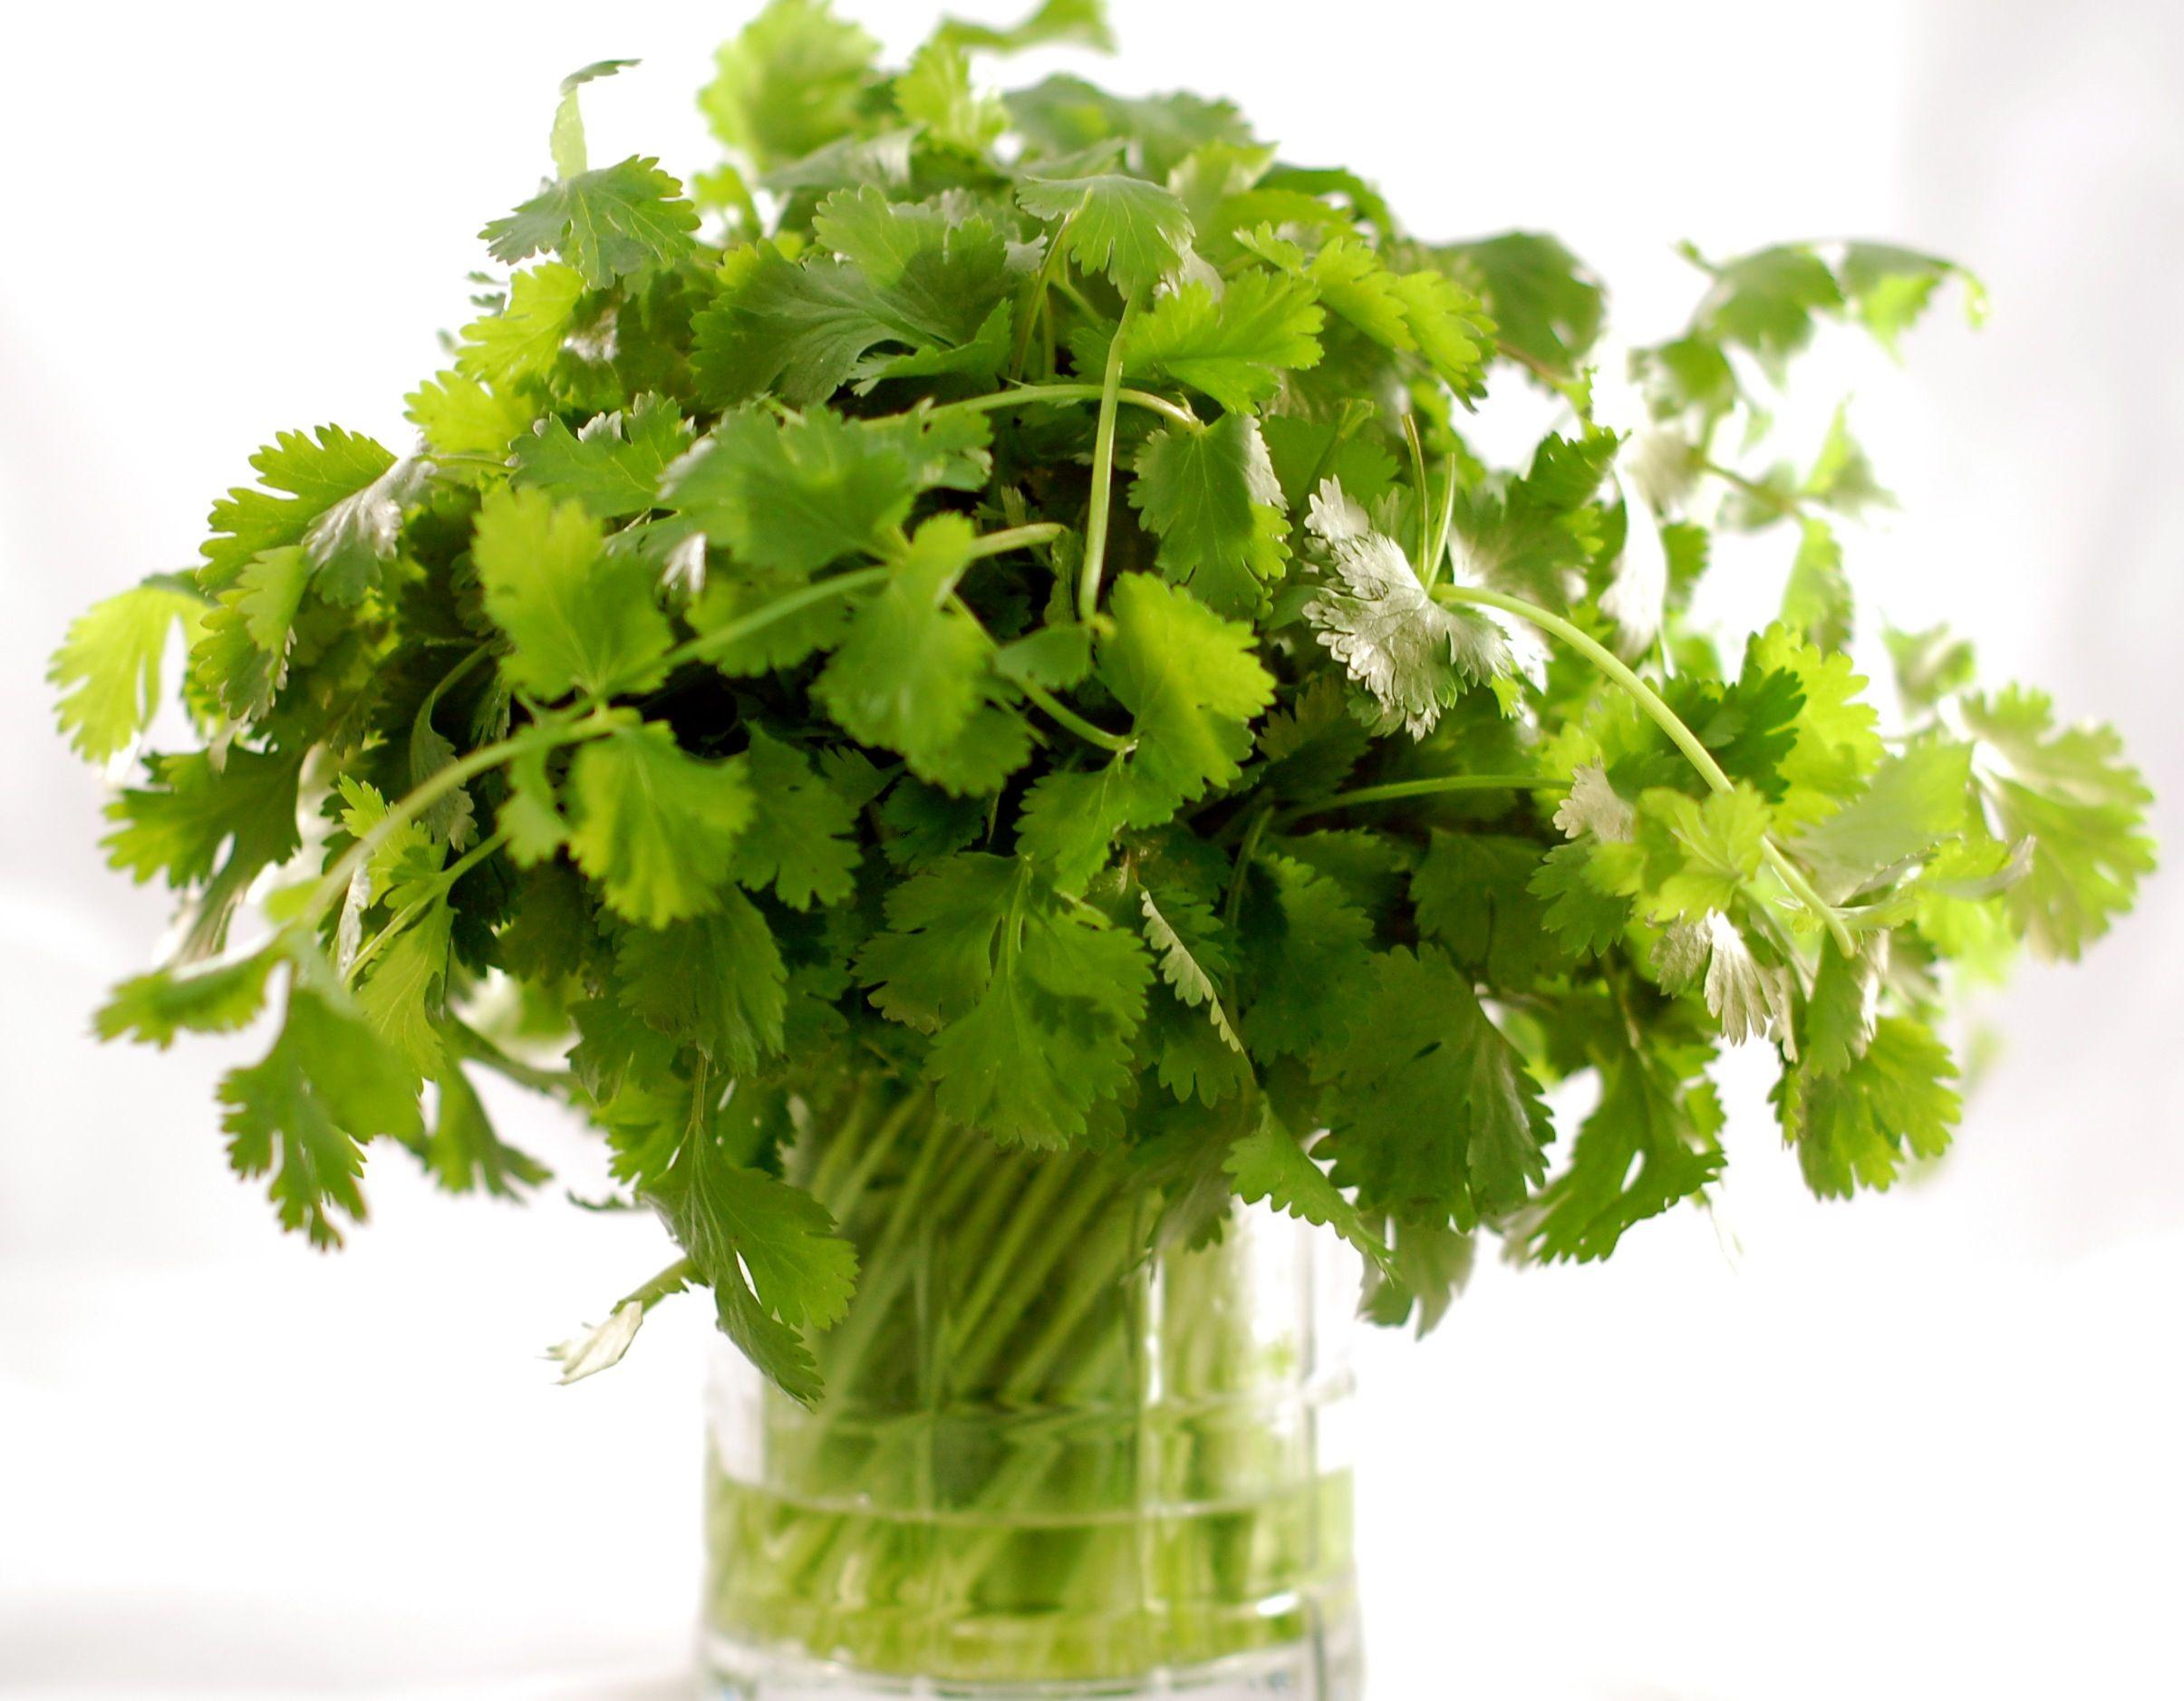 Cilantro cilantro plant regrow vegetables